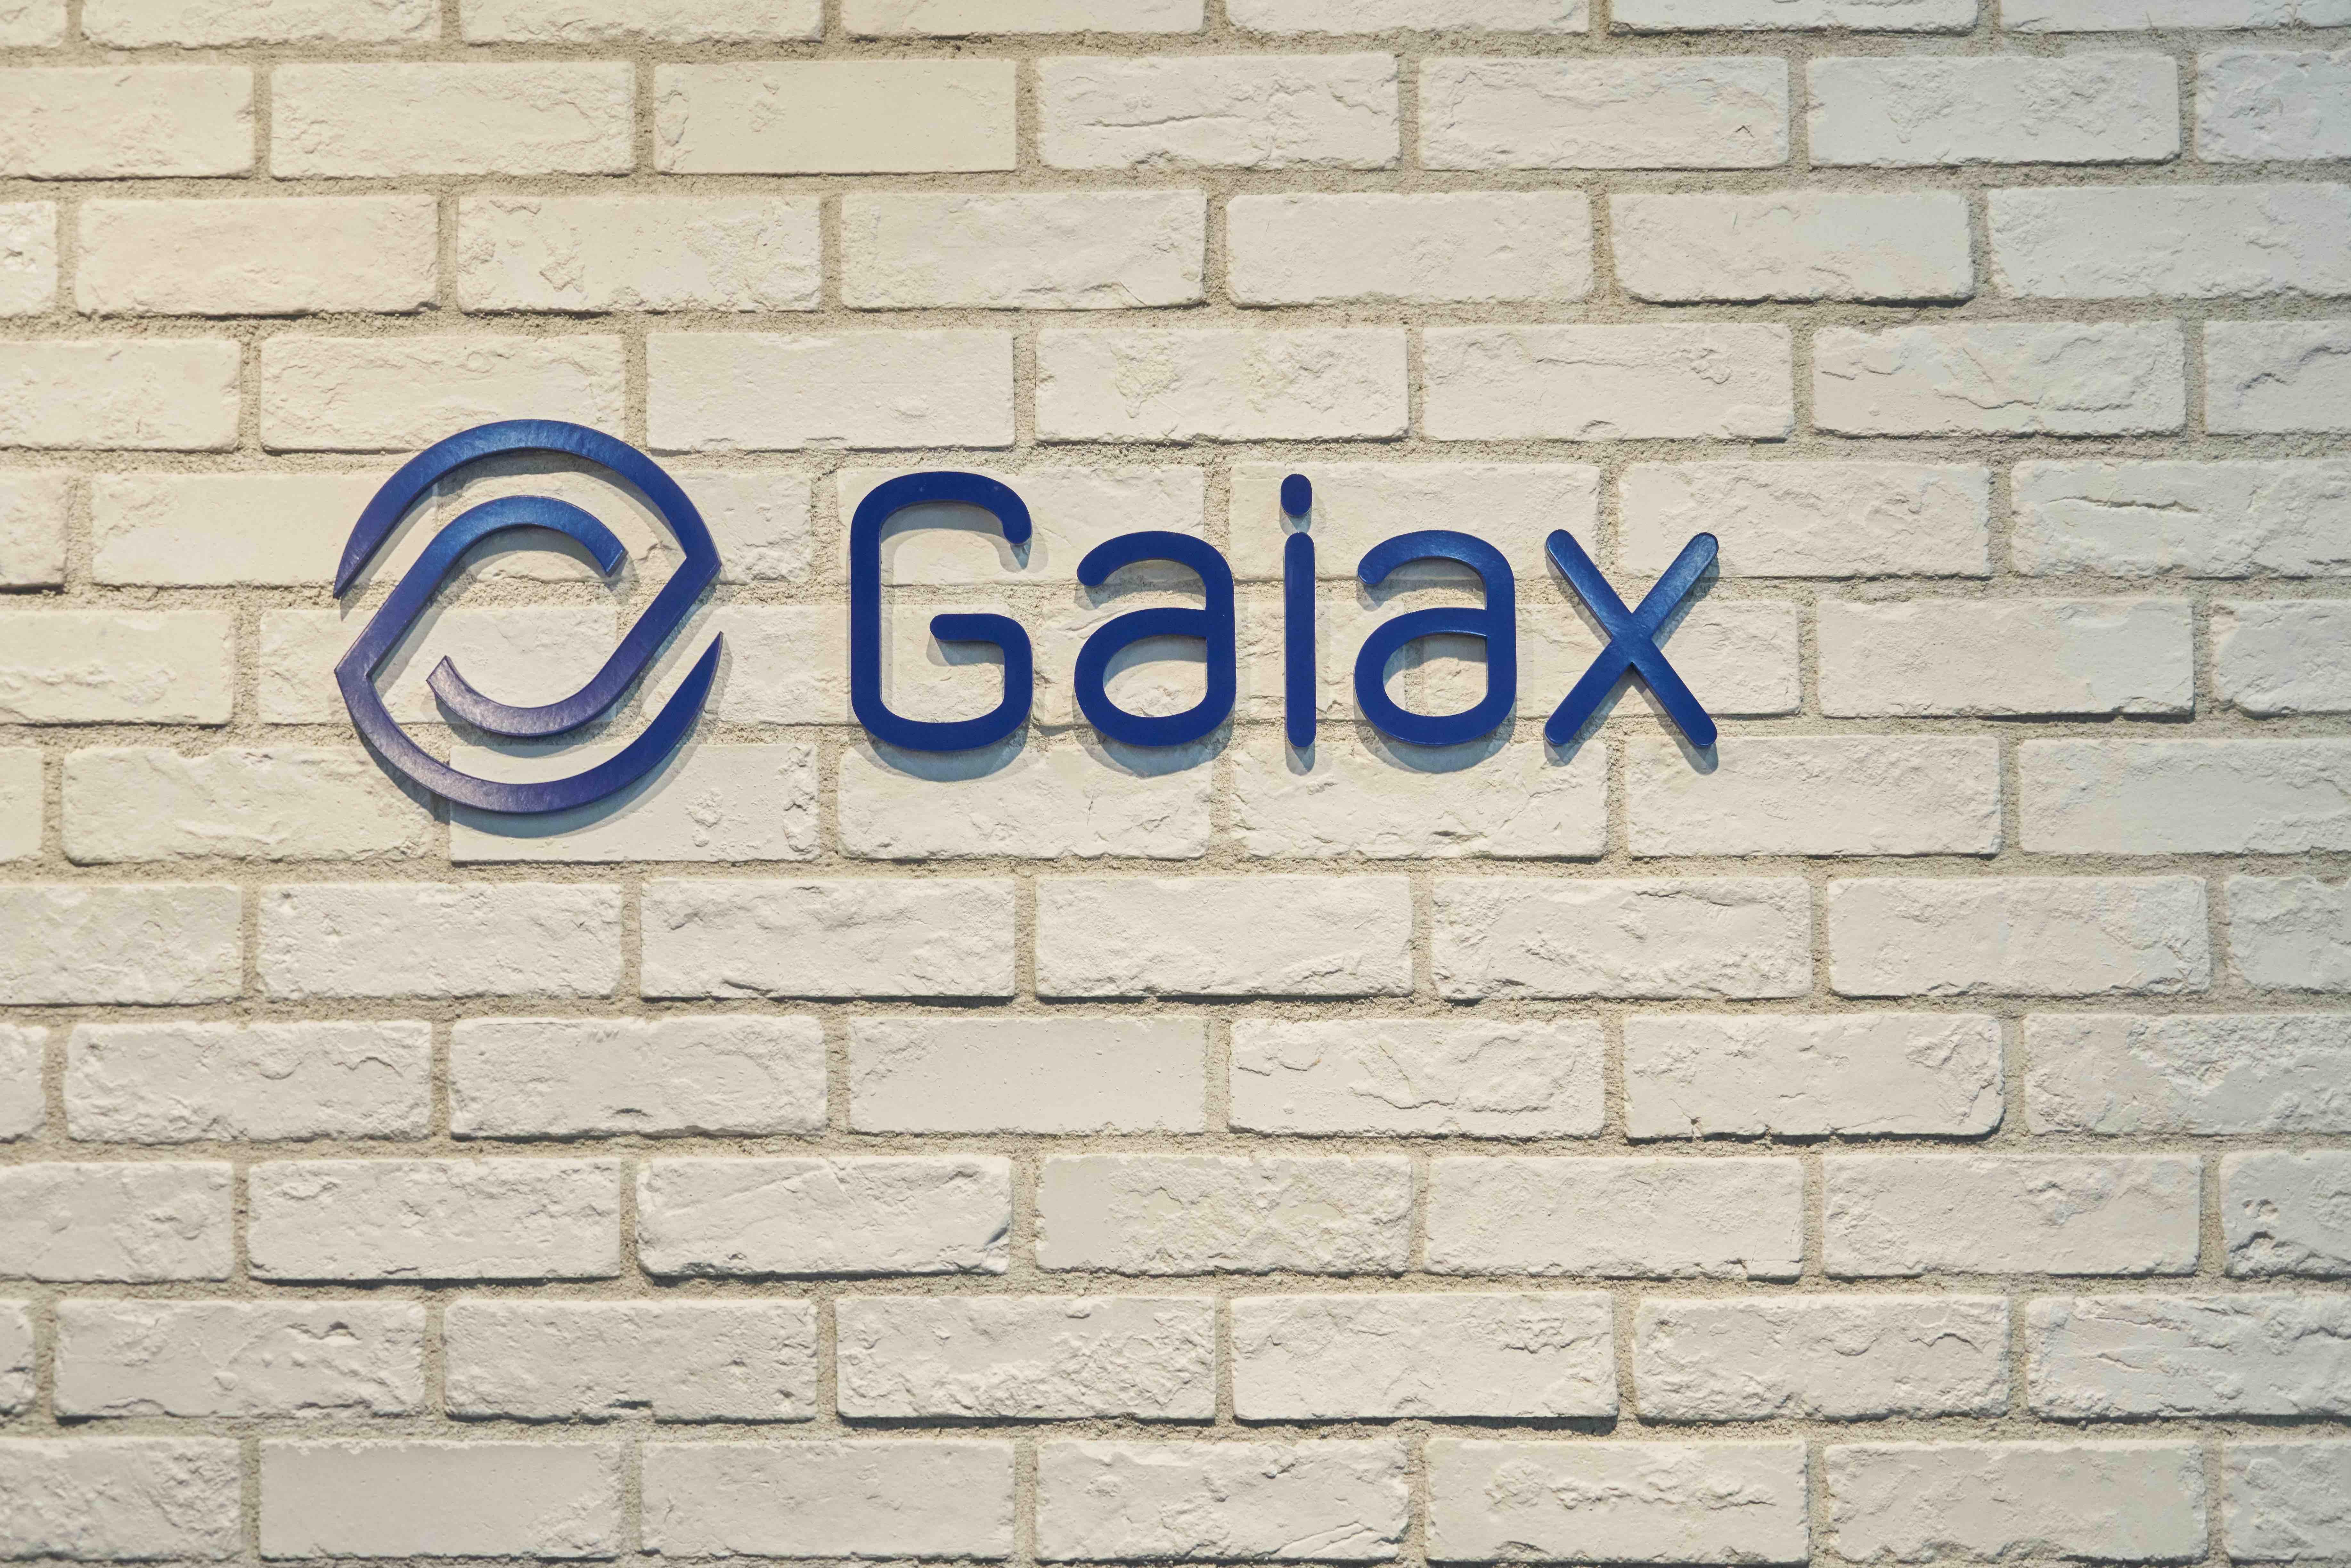 【Report】株式会社ガイアックスさんを取材してきました!